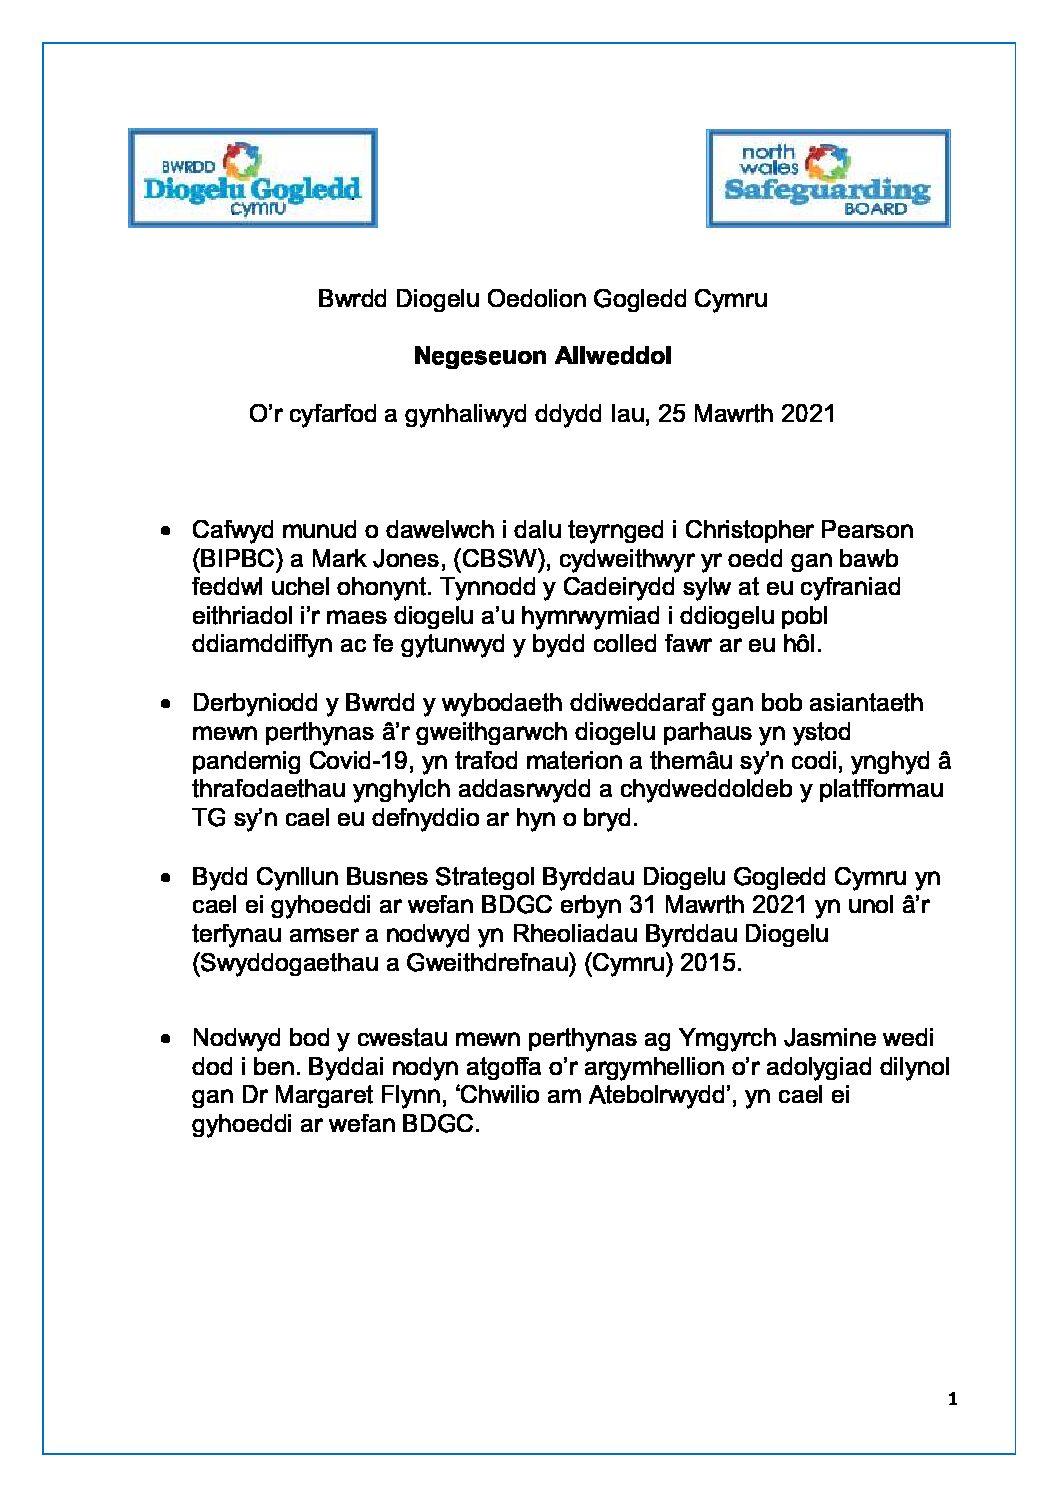 BDOGC Negeseuon Allweddol Mawrth 2021